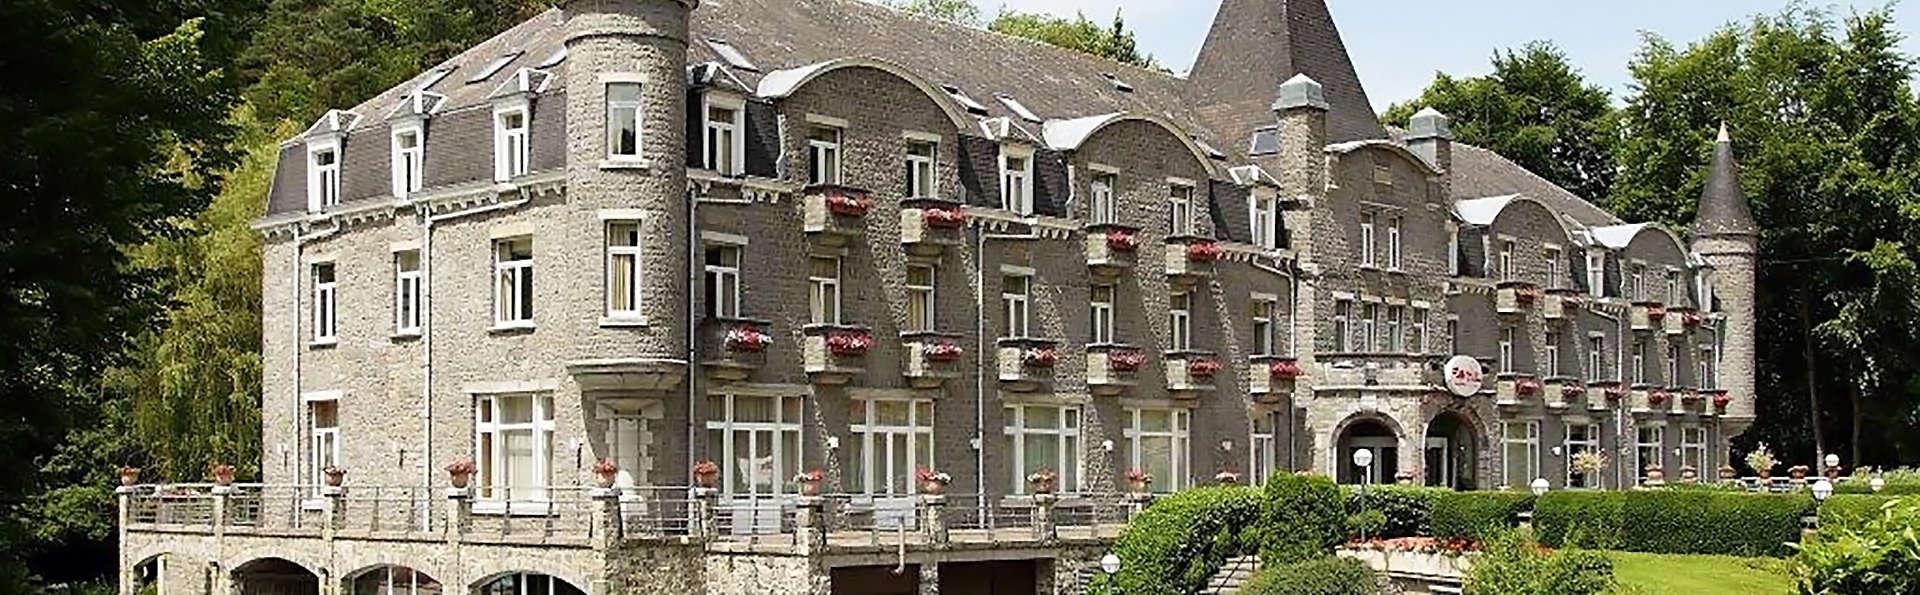 Floréal La Roche-en-Ardenne - EDIT_front2.jpg